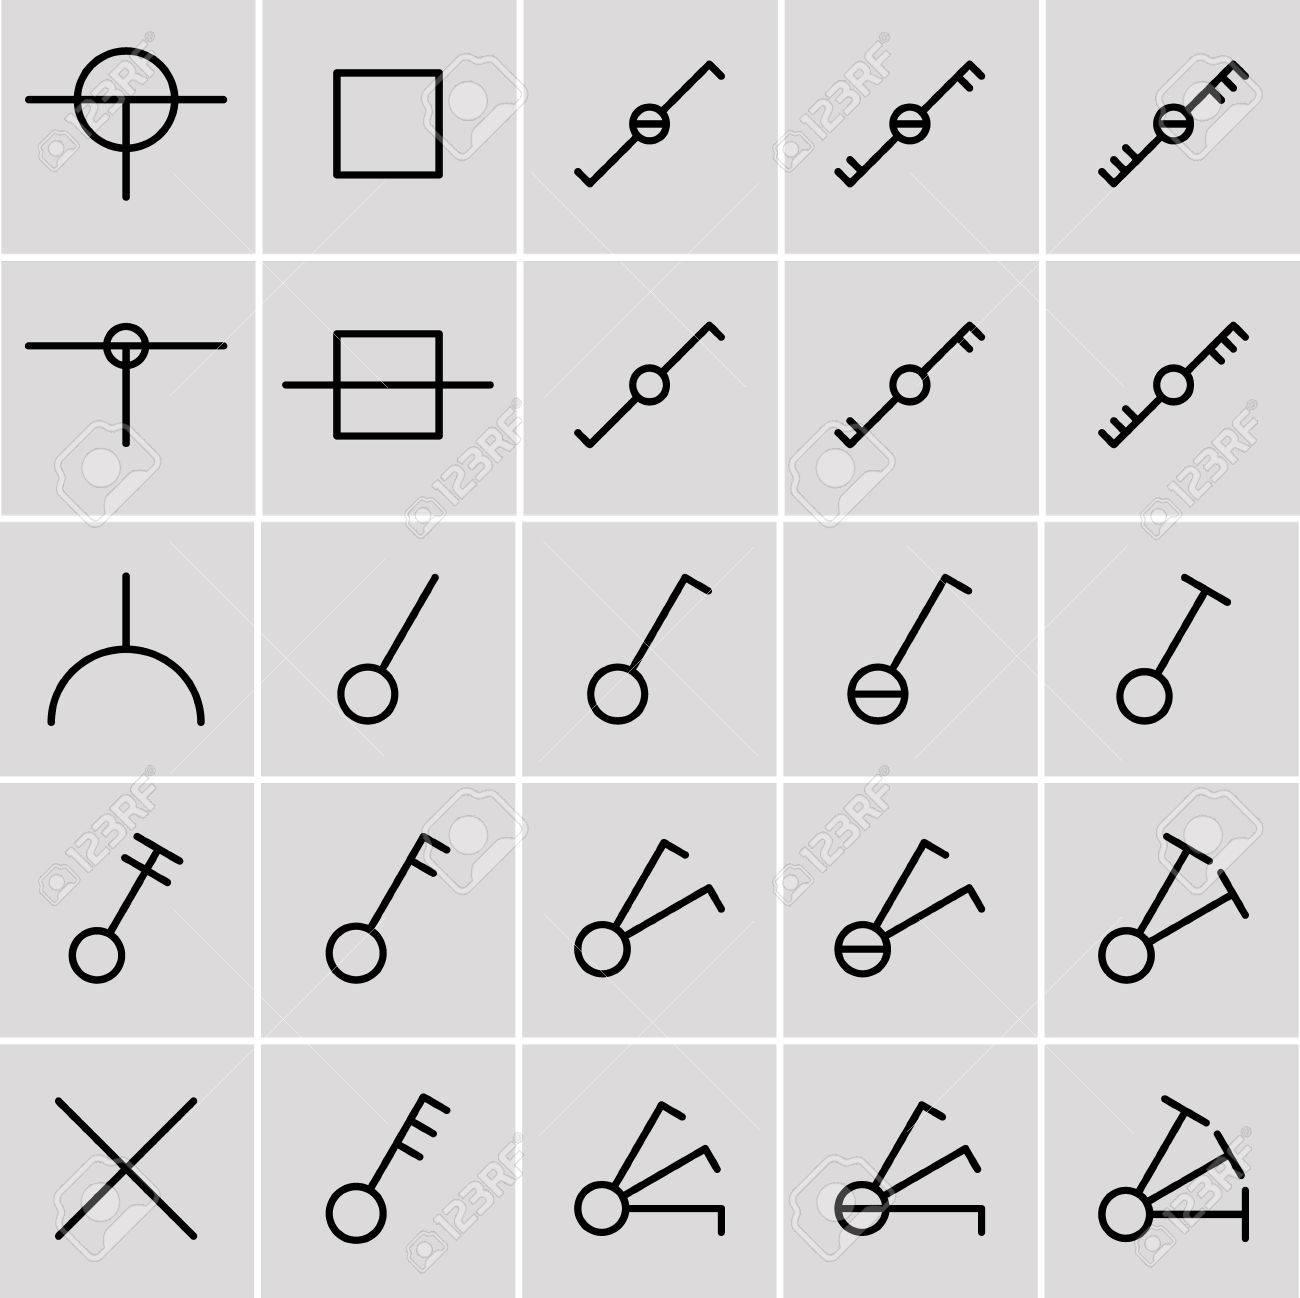 Symbole Schalter, Elektrische Symbole Lizenzfrei Nutzbare ...